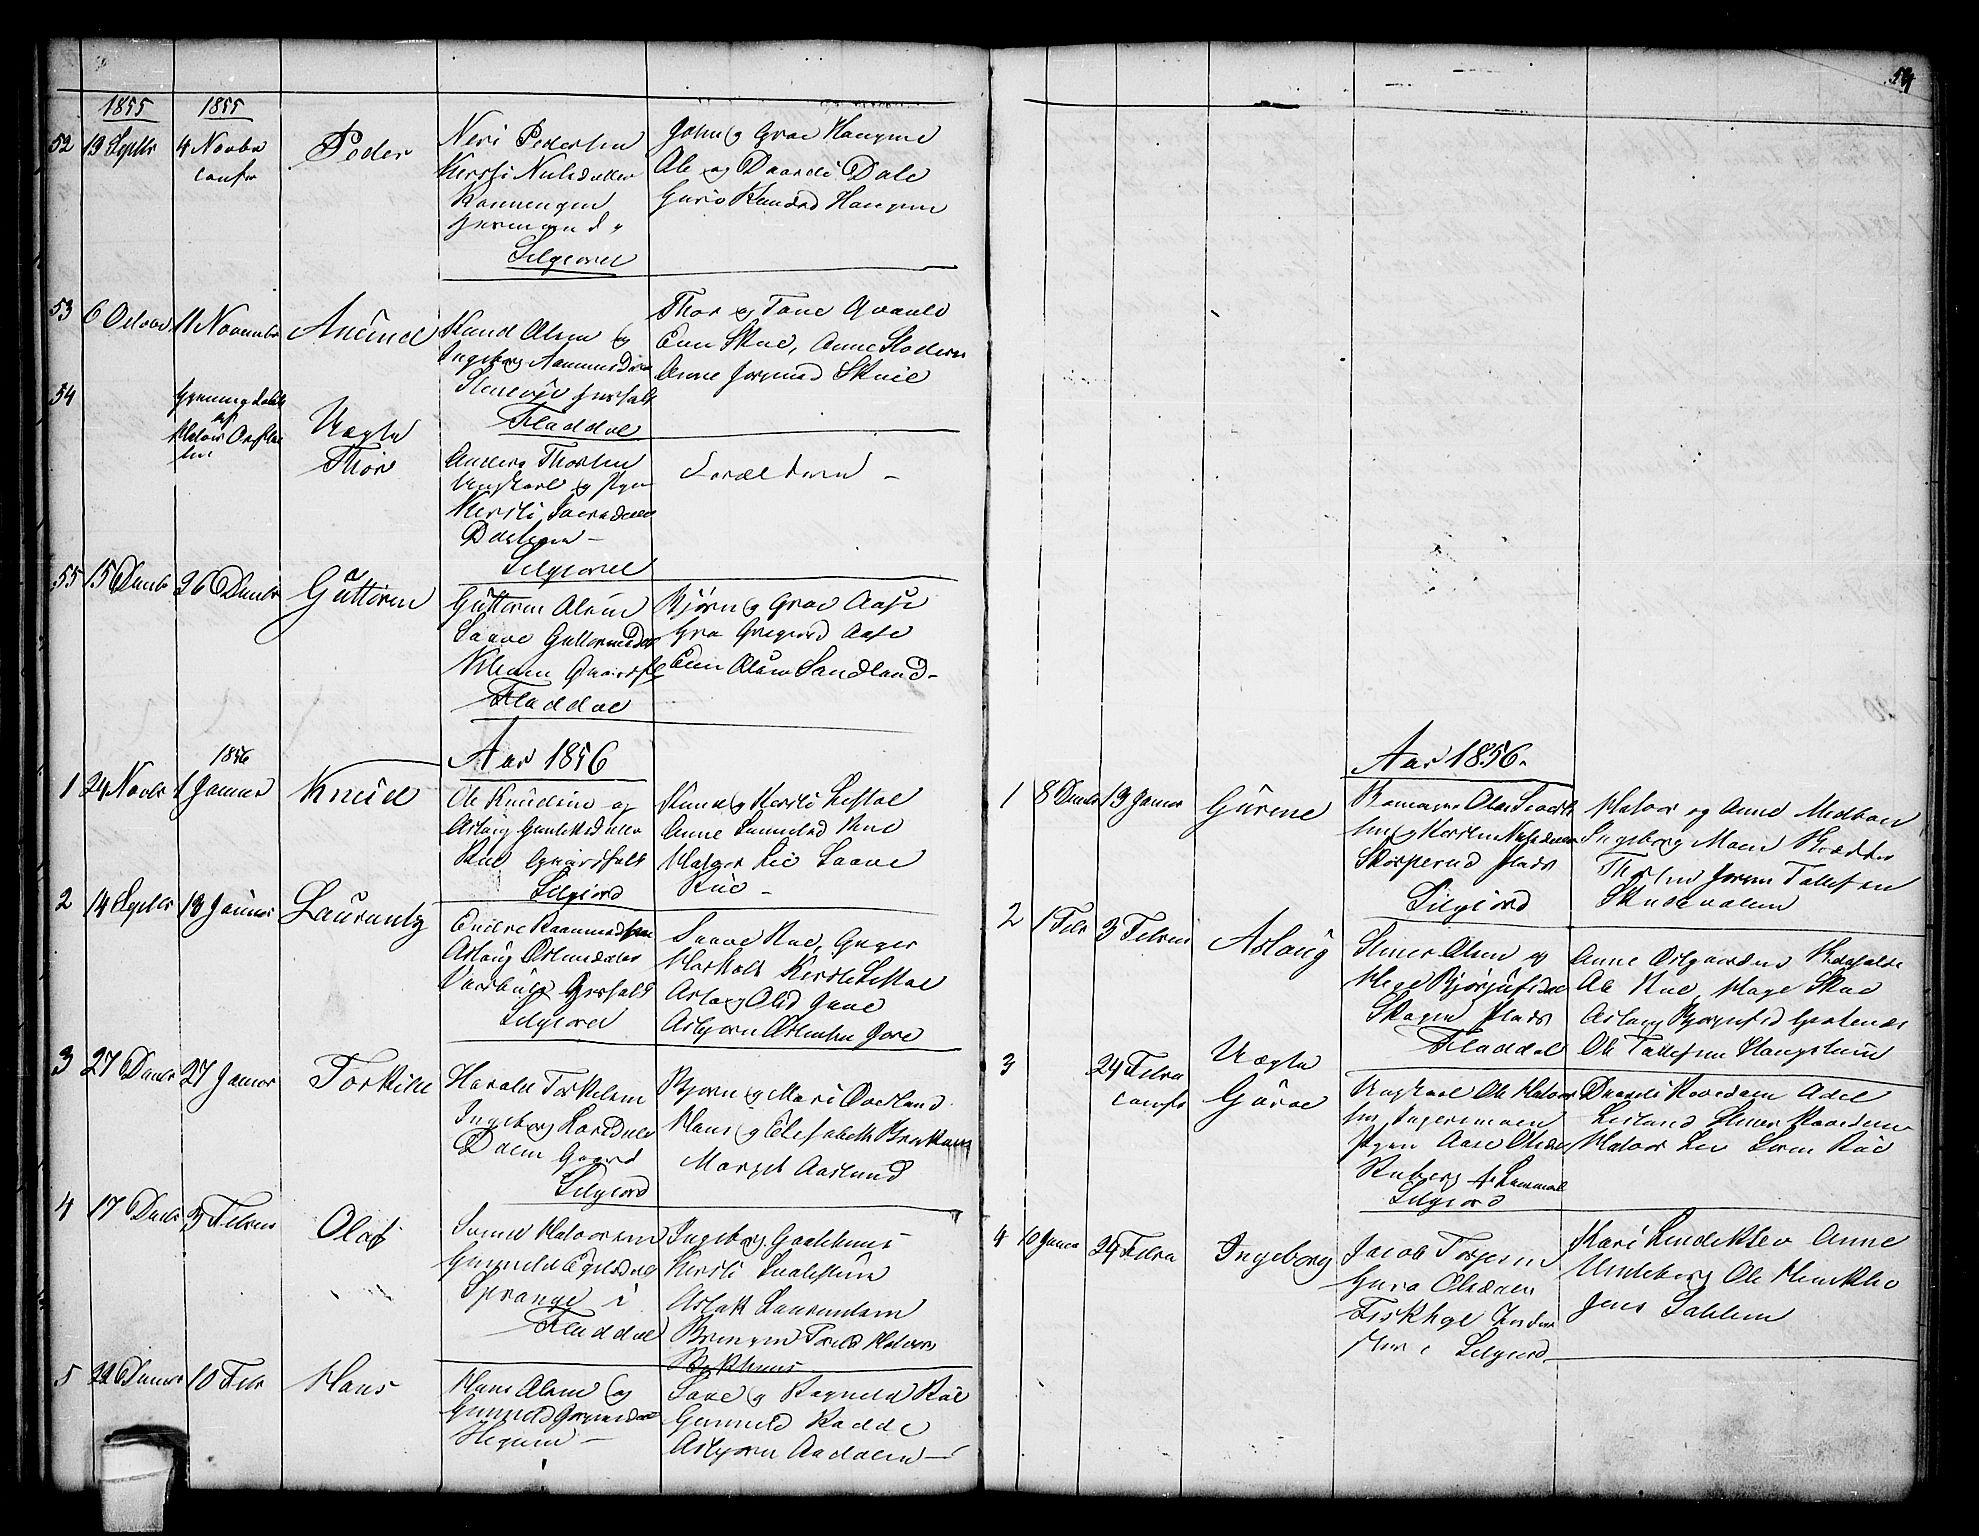 SAKO, Seljord kirkebøker, G/Ga/L0002: Klokkerbok nr. I 2, 1838-1866, s. 53